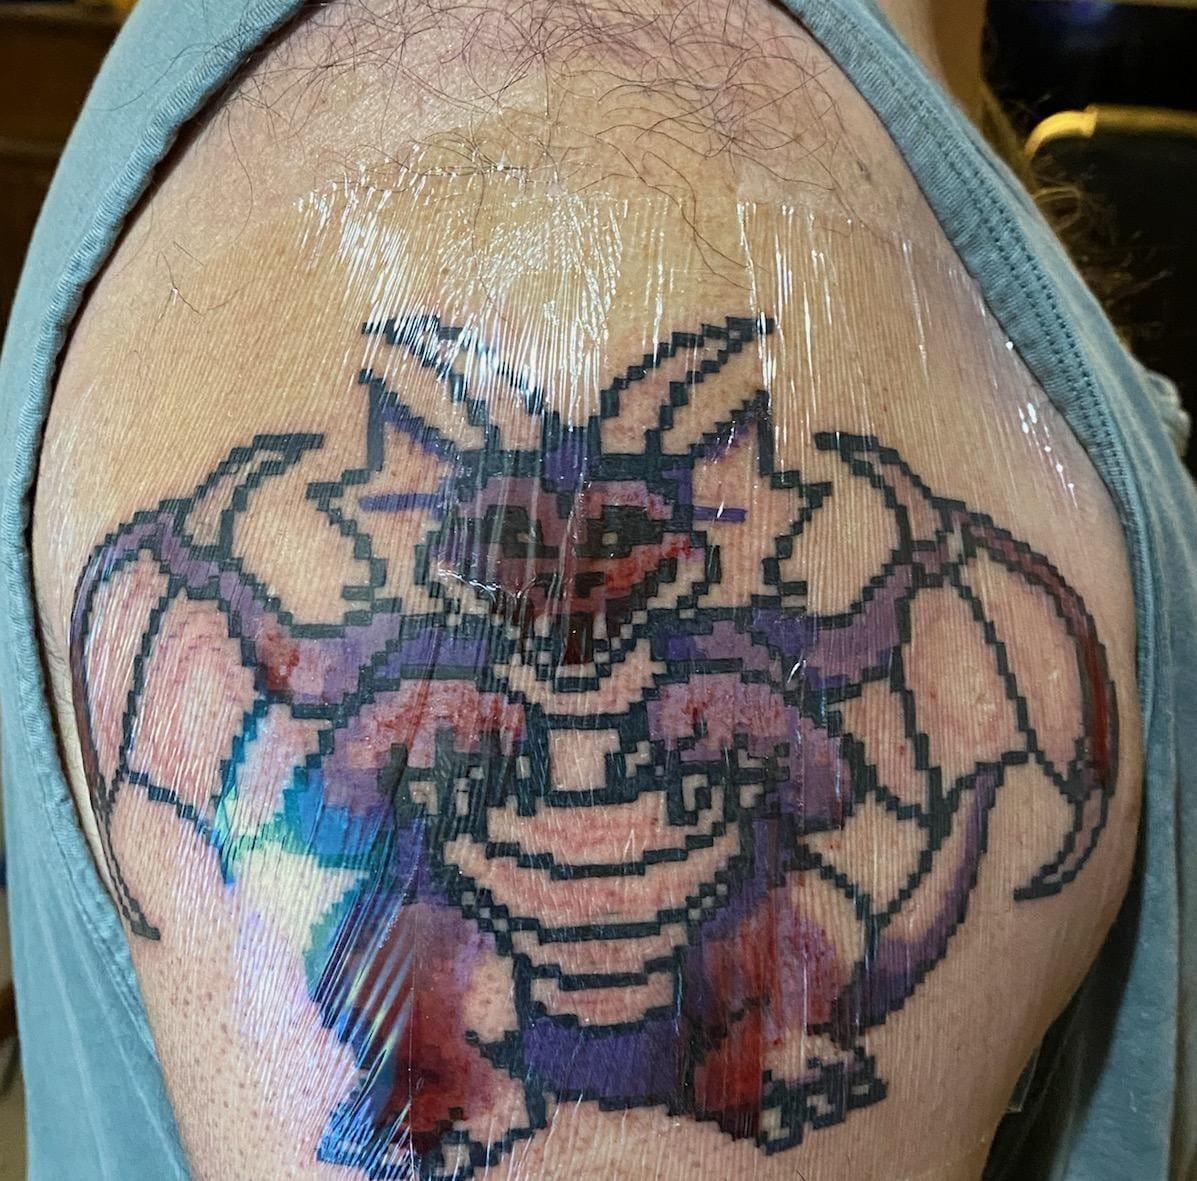 8bb Tattoo